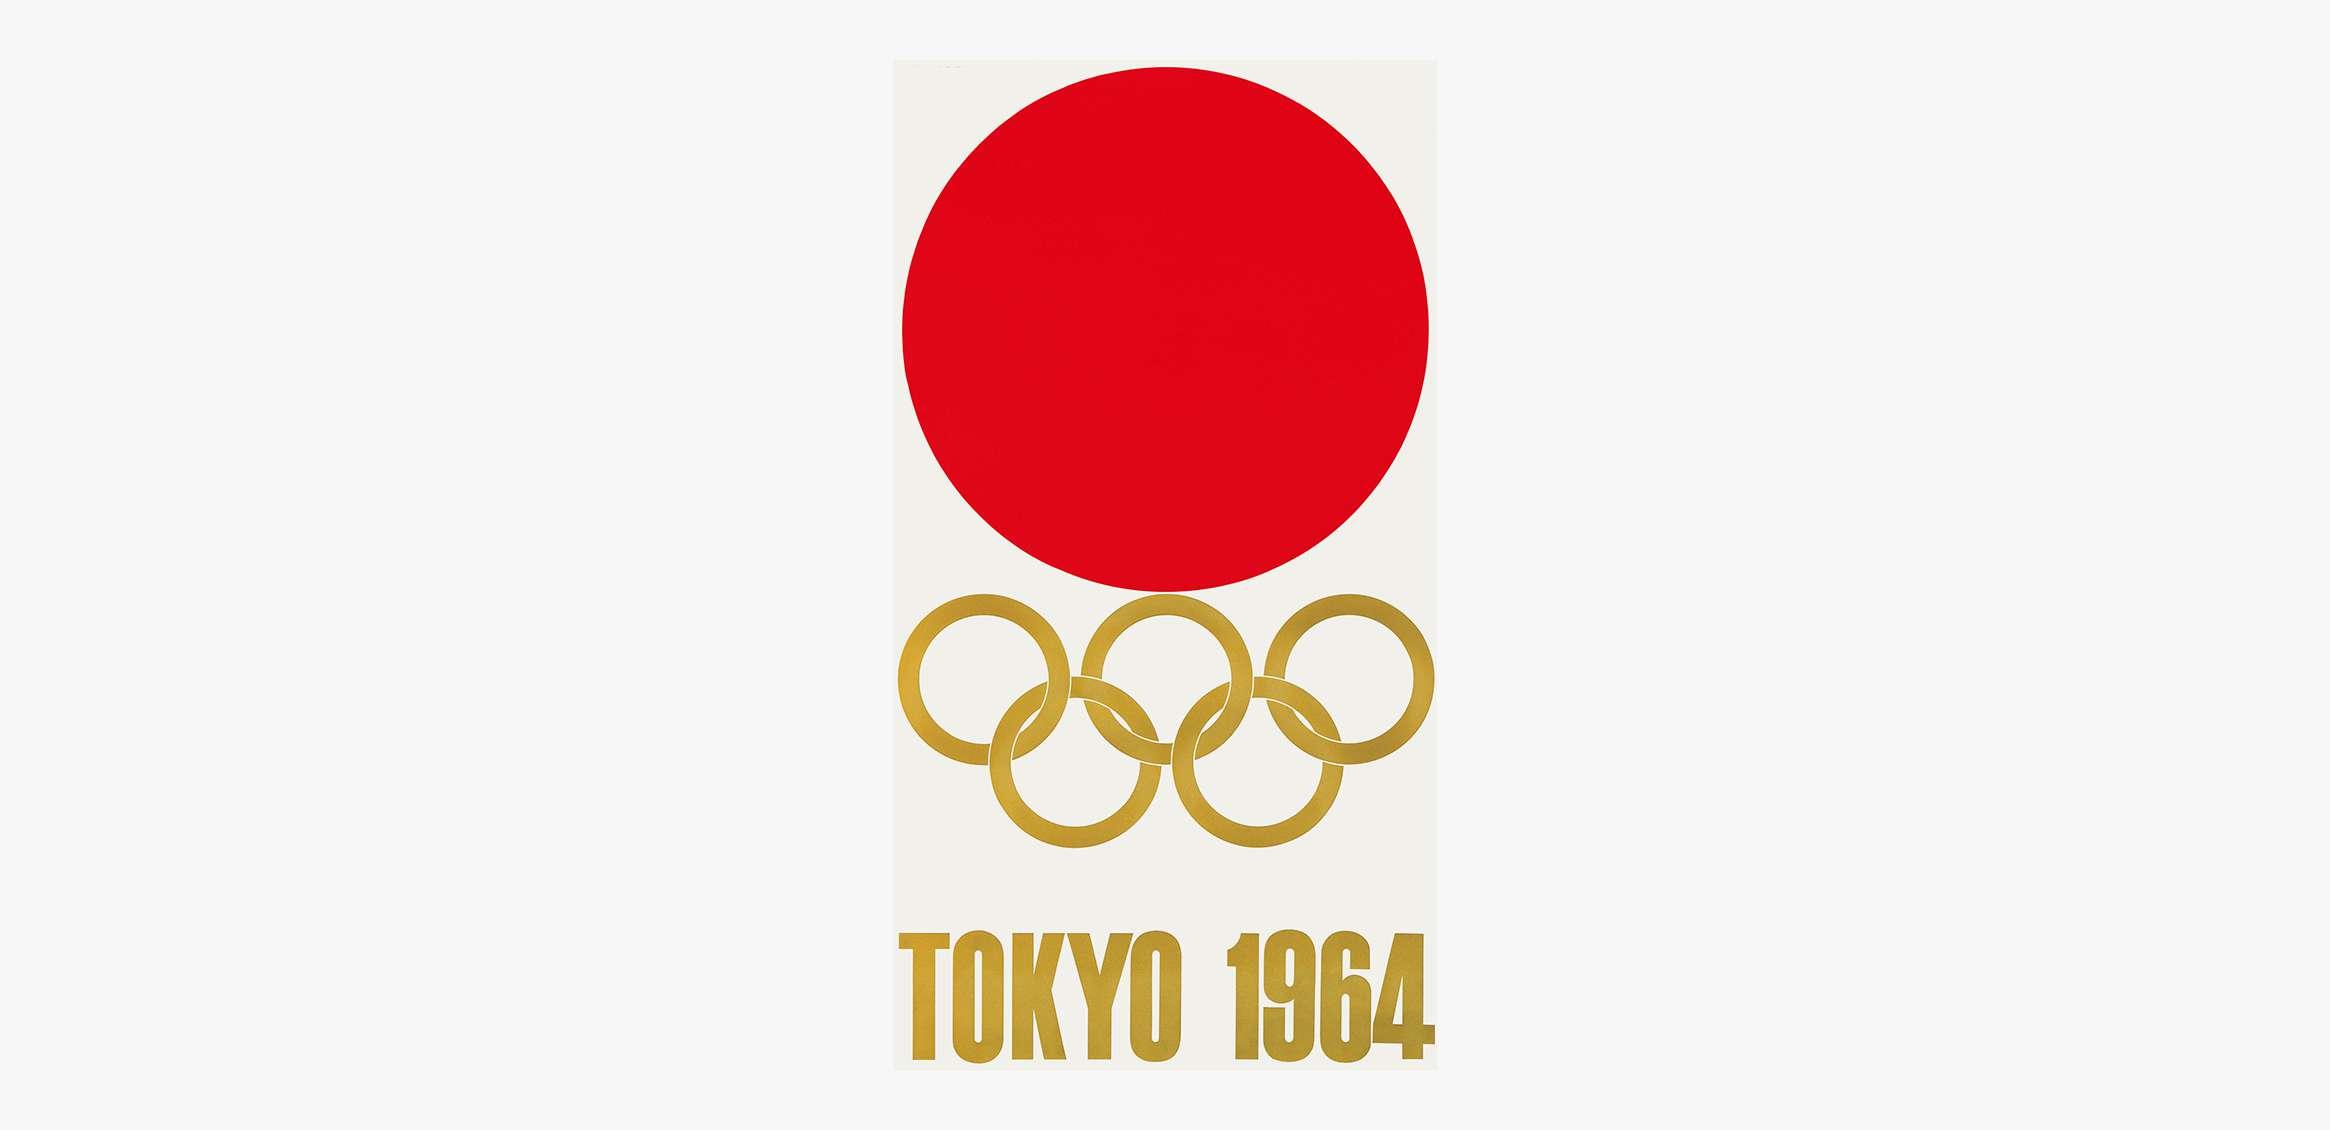 '64 東京オリンピック 第1号ポスター・ロゴマーク0枚目